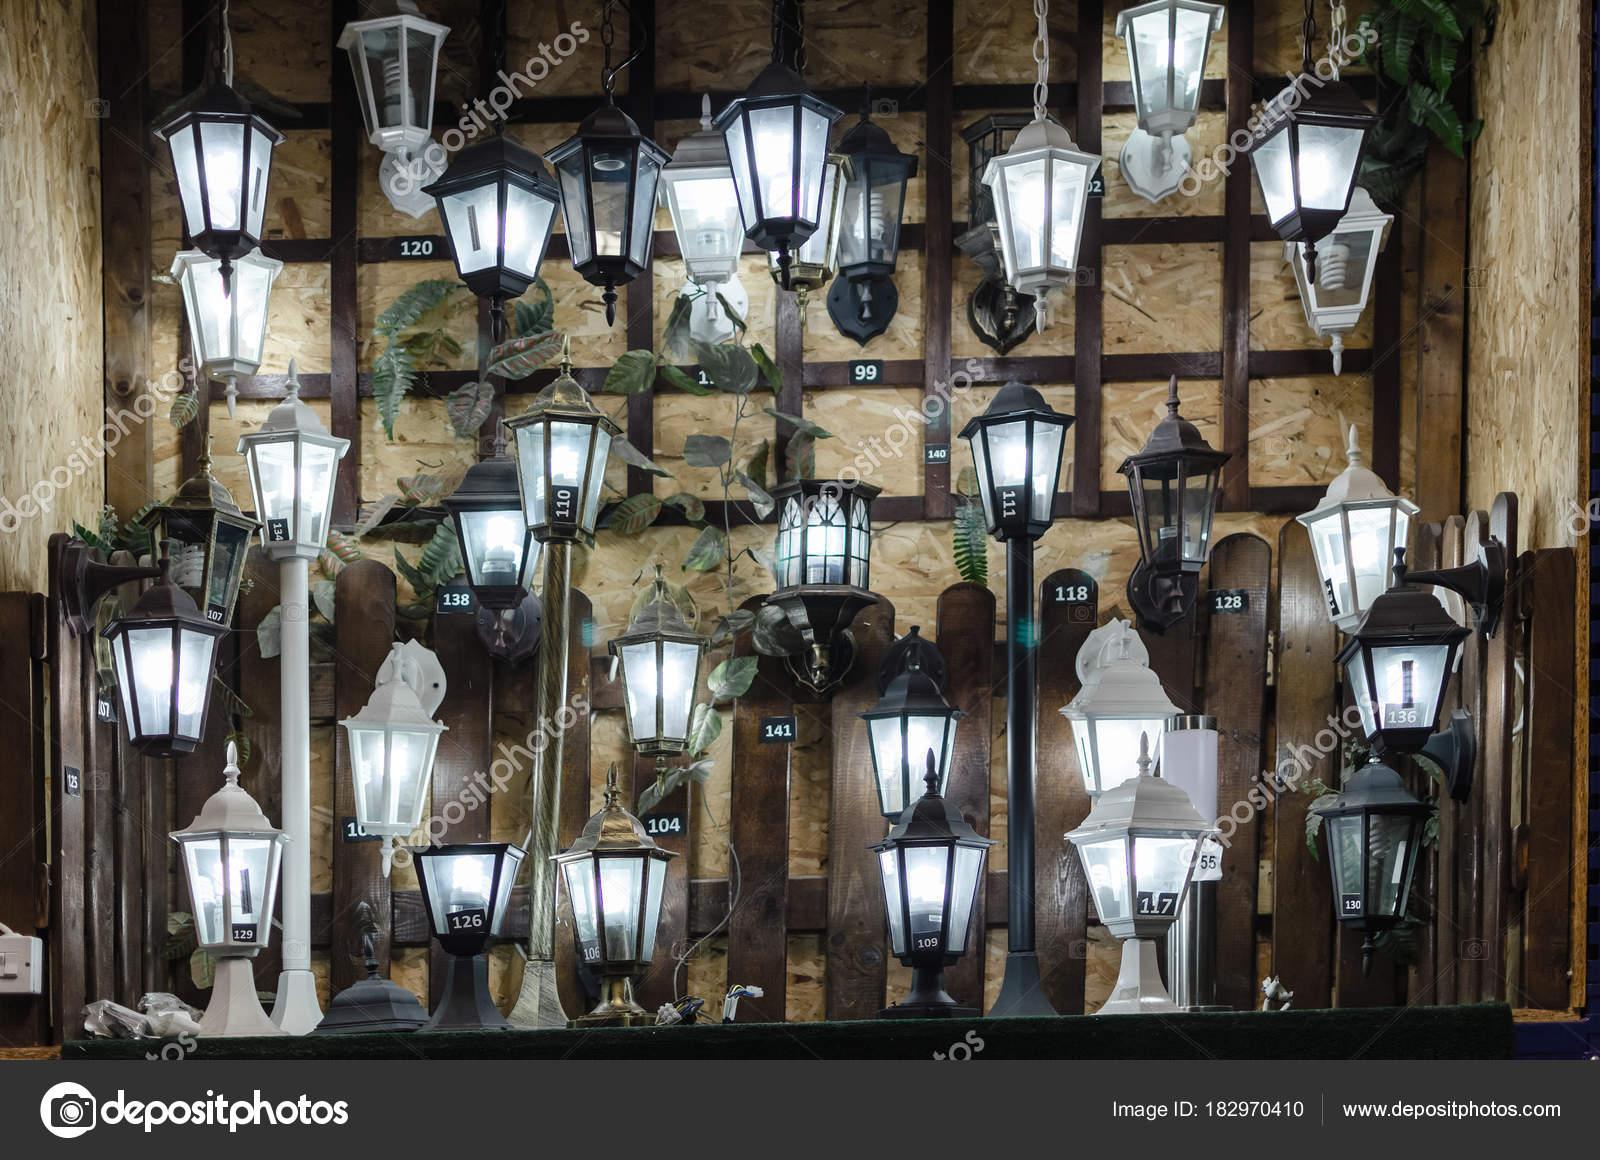 https://st3.depositphotos.com/11396296/18297/i/1600/depositphotos_182970410-stockafbeelding-winkel-voor-verlichting-lampen-voor.jpg